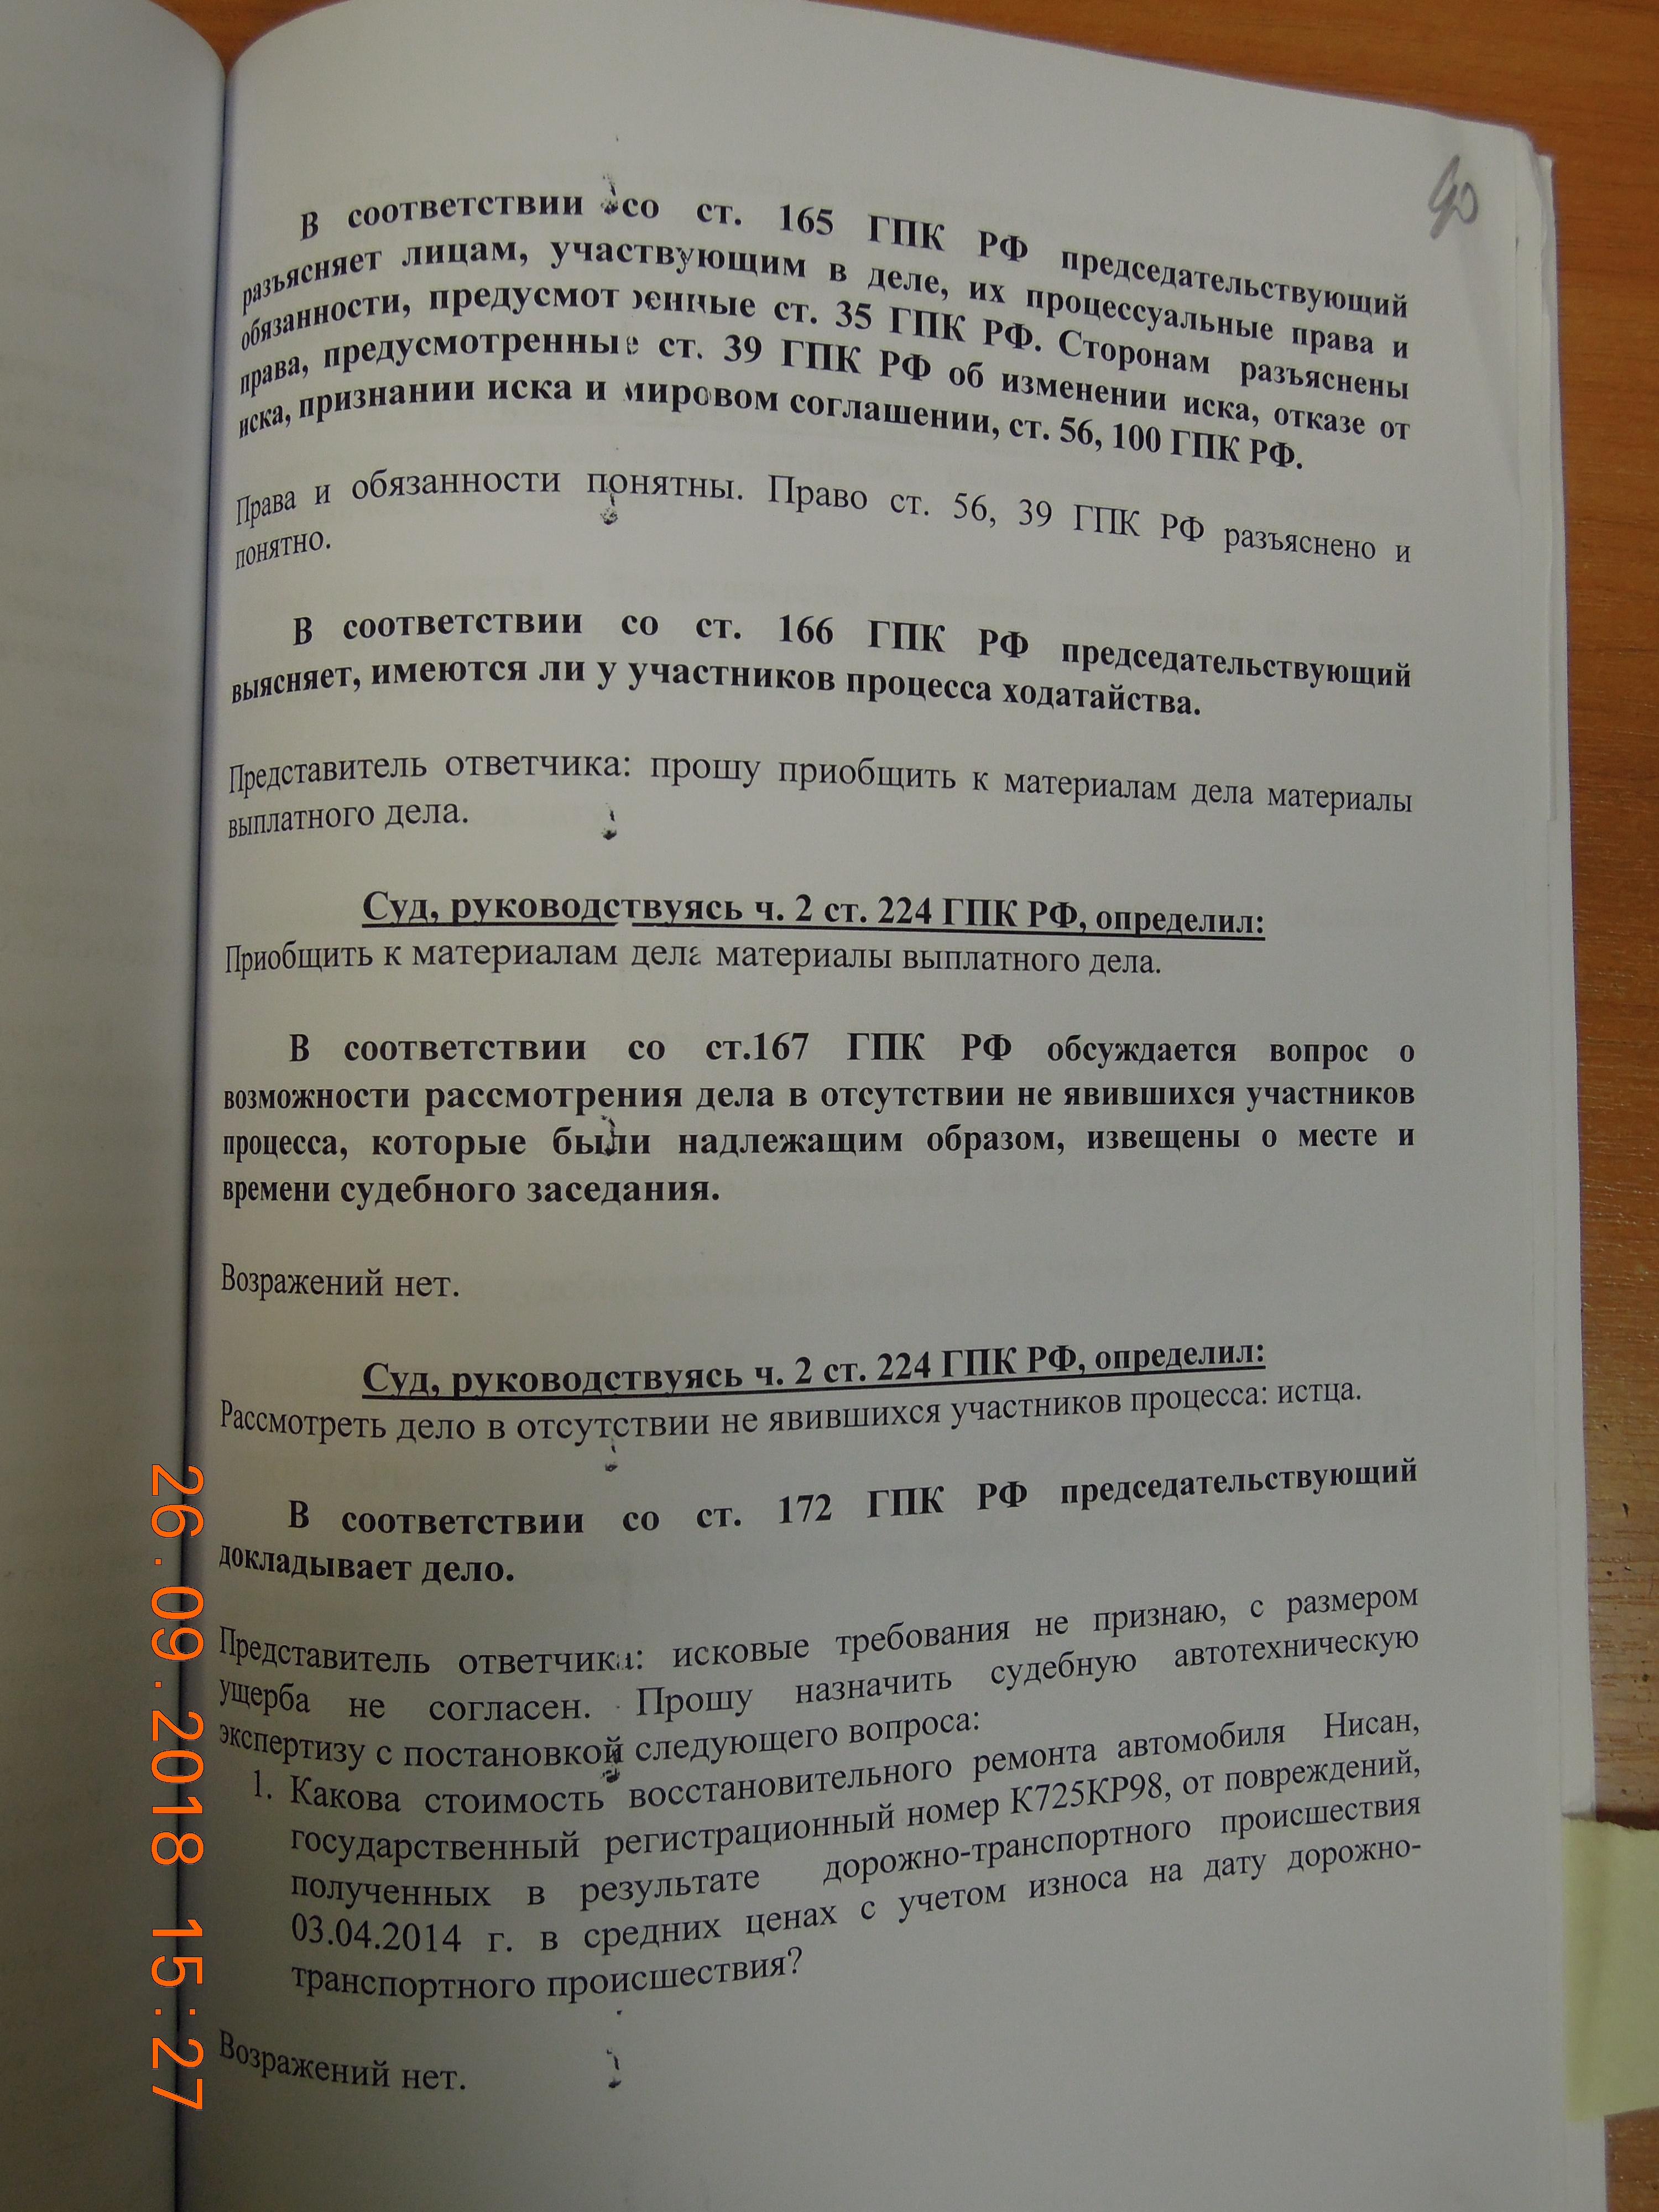 DSCN4538.JPG